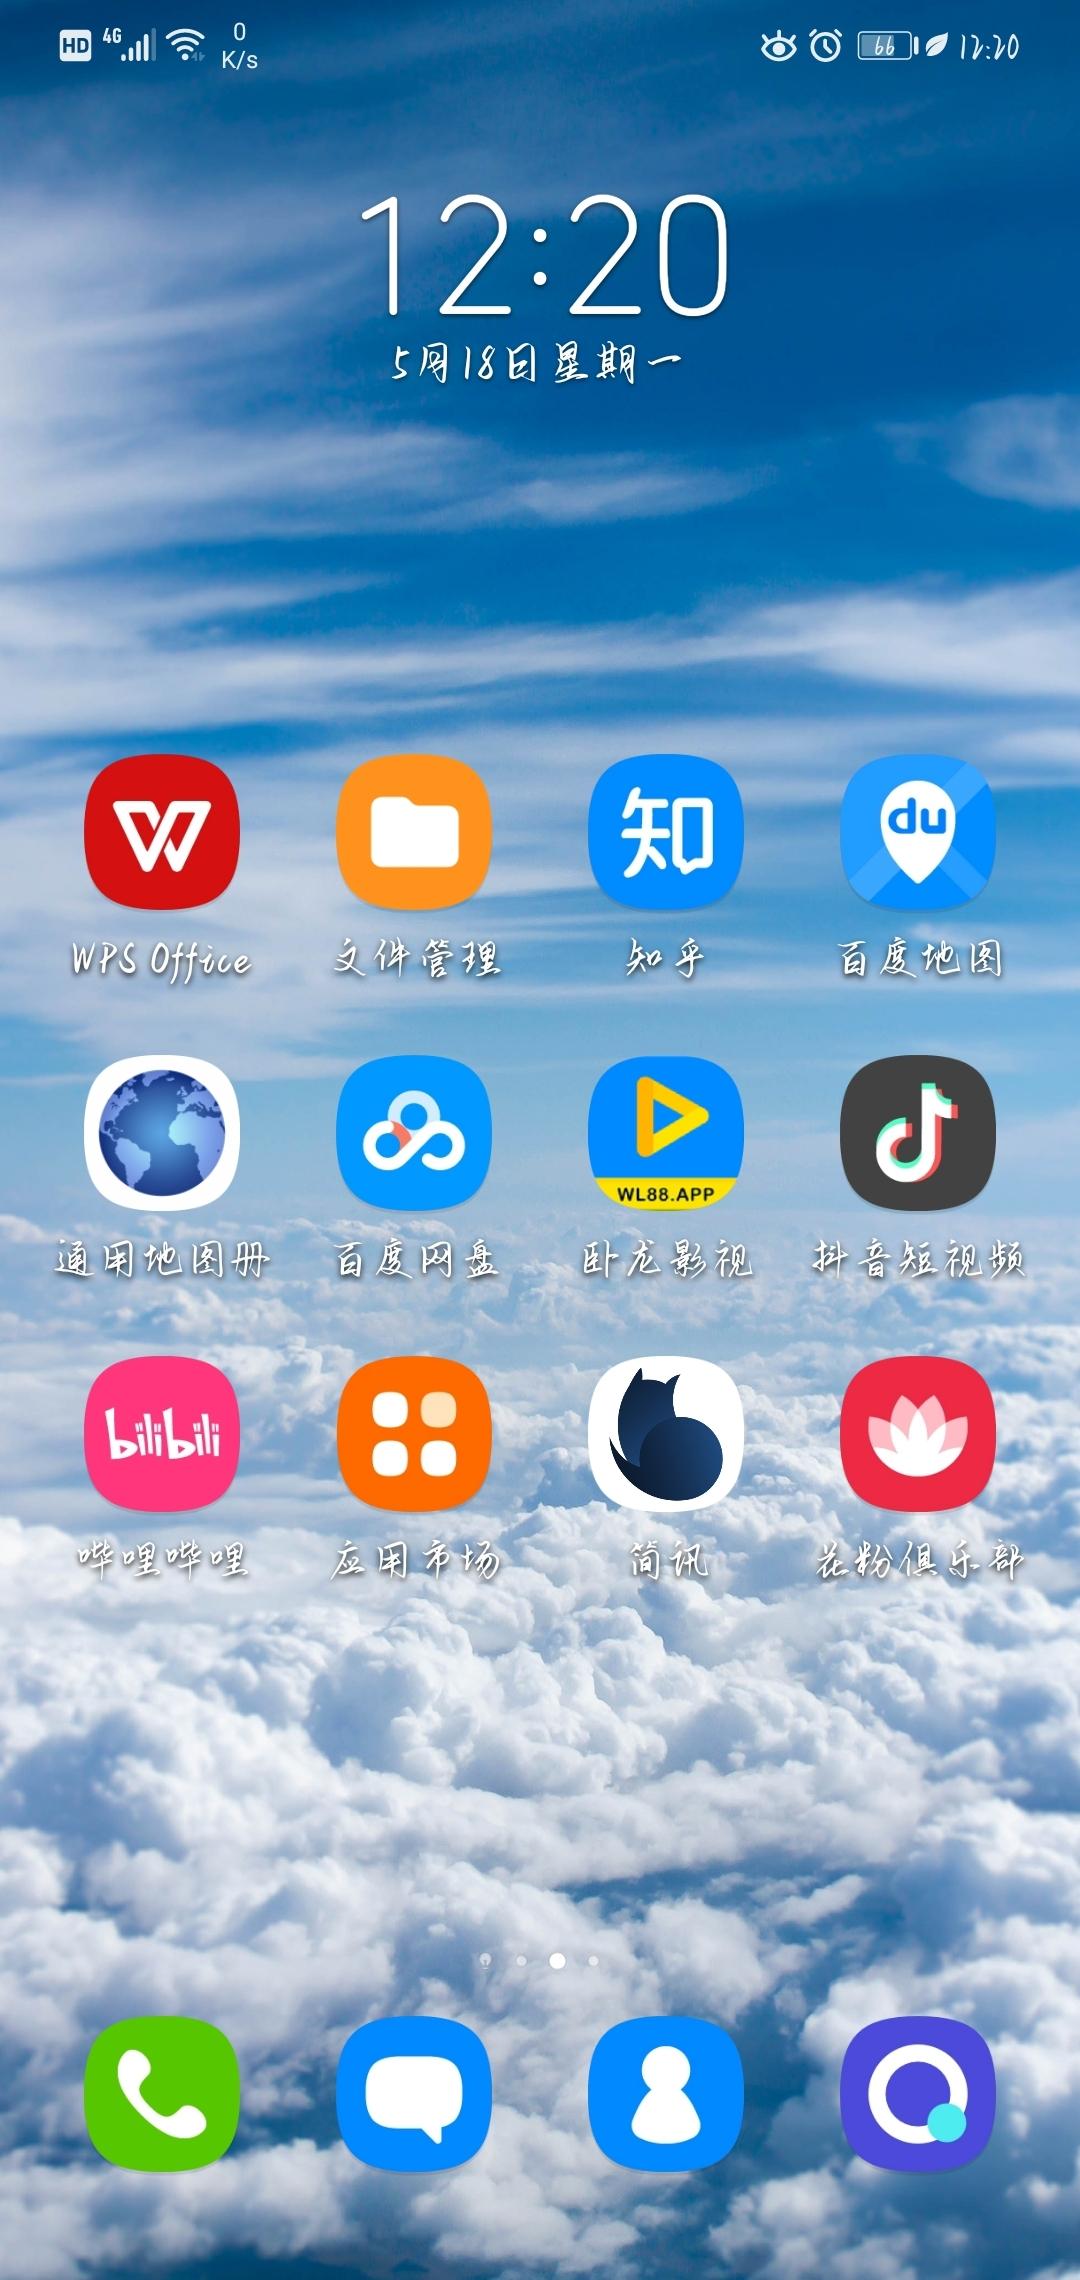 Screenshot_20200518_122034_com.huawei.android.launcher.jpg